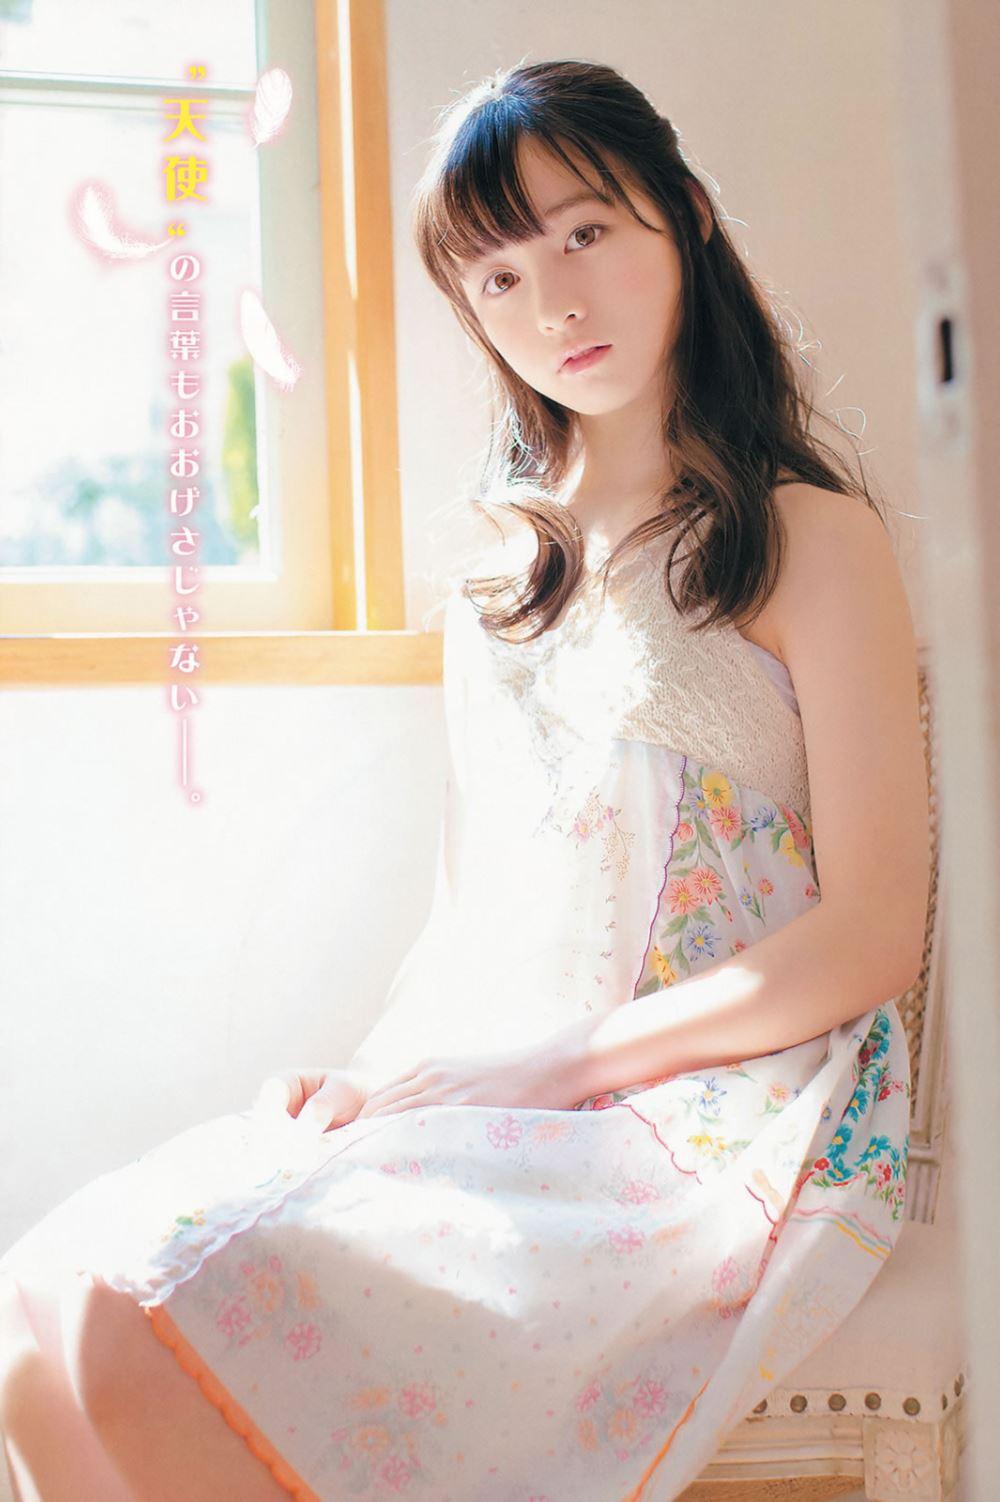 橋本環奈 かわいい 高画質 グラビア画像 48